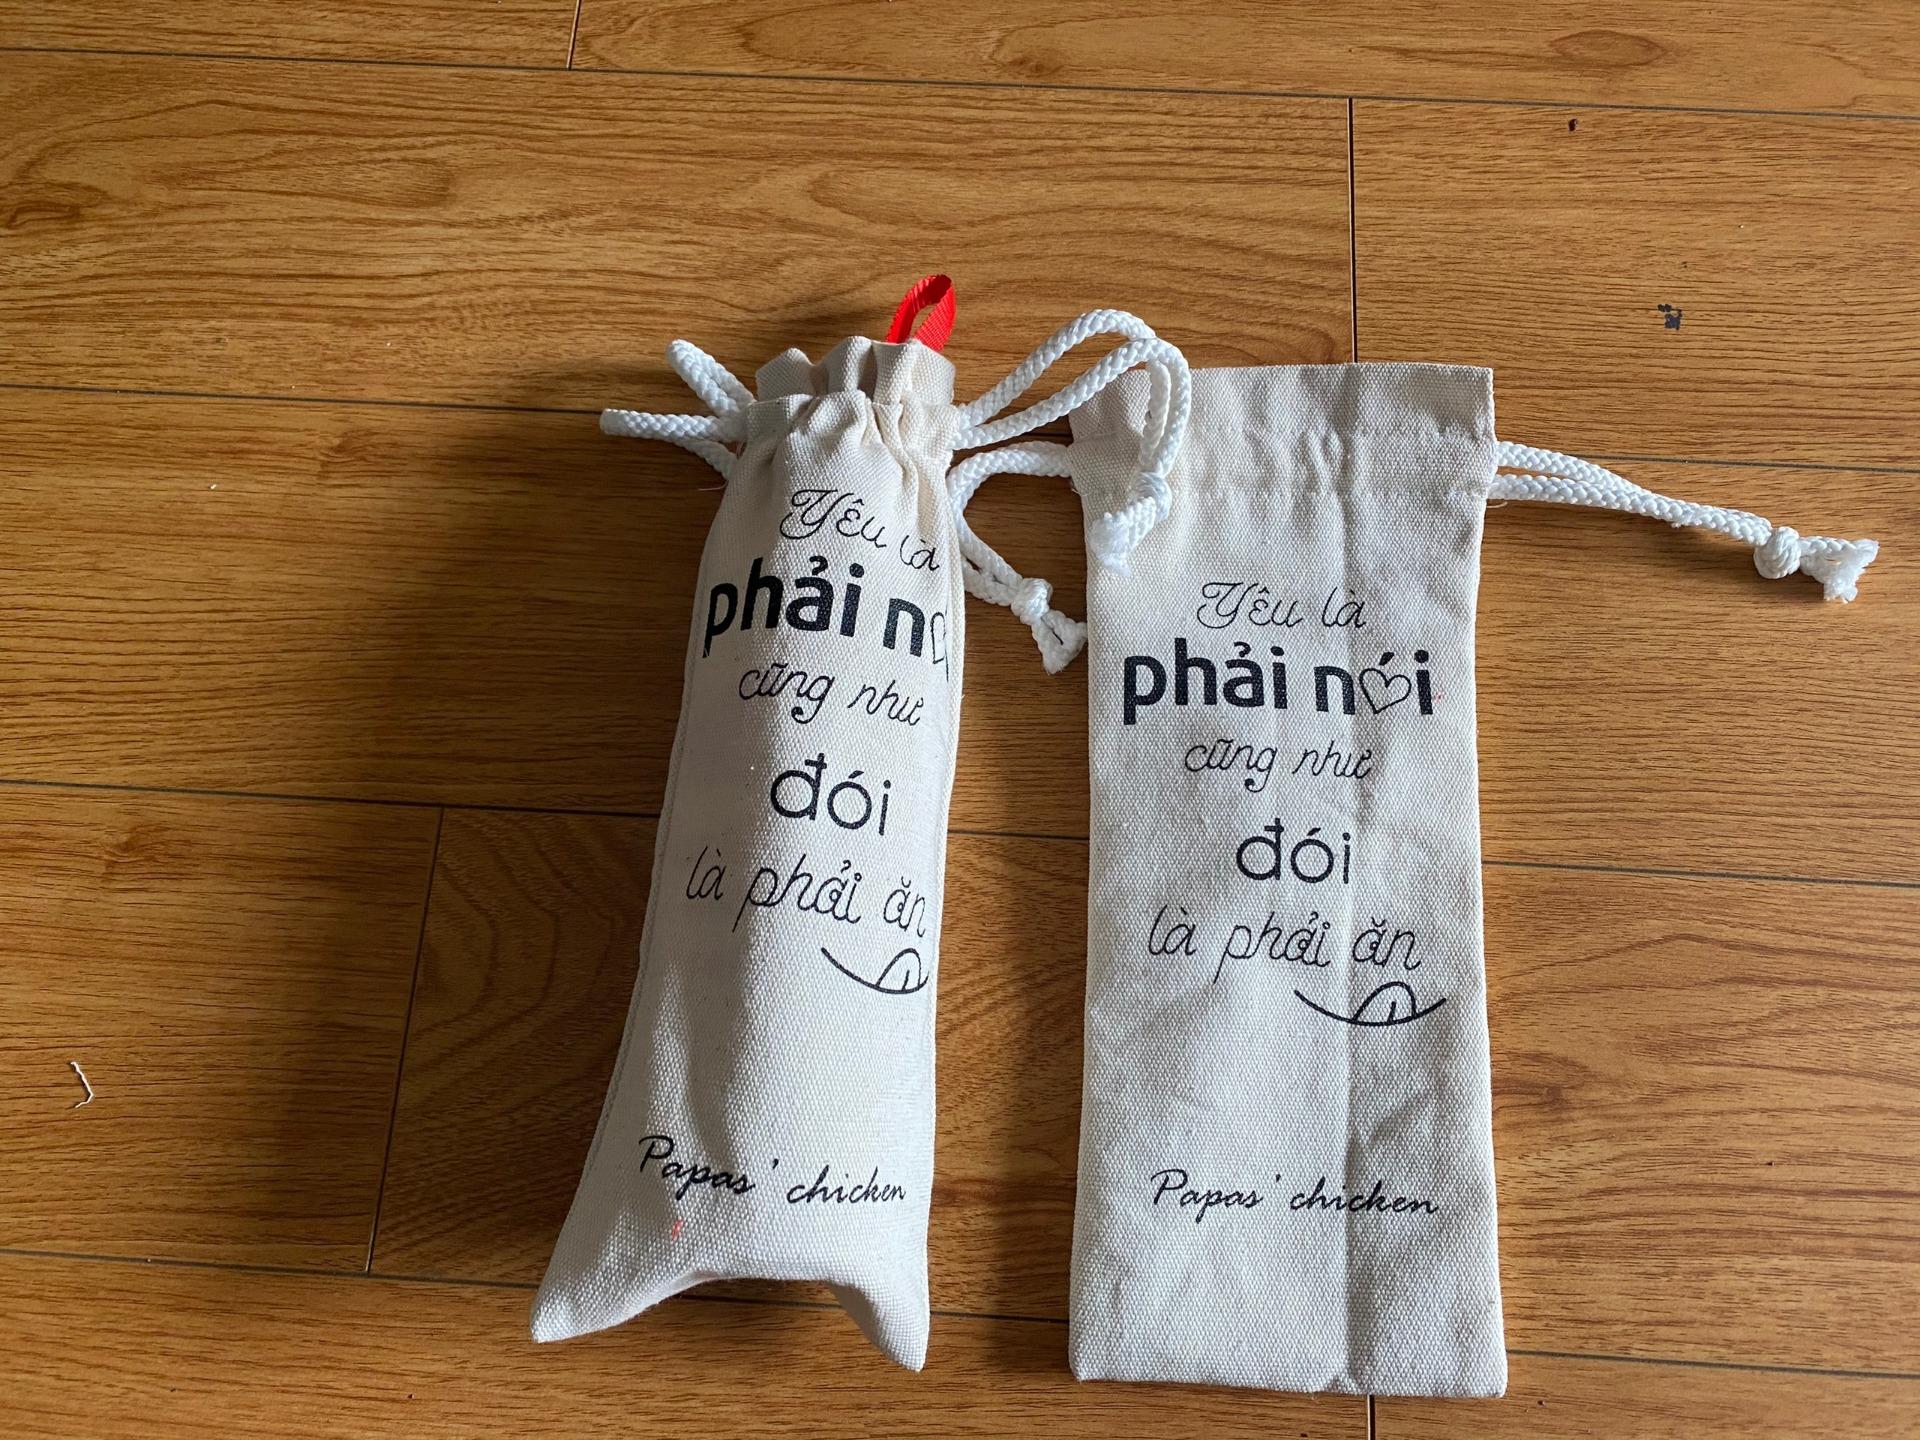 May túi rút đựng bình nước, may túi vải đựng bình nước, mua túi vải bố bền tốt, đẹp từng đường chỉ, hoa văn sắc xảo